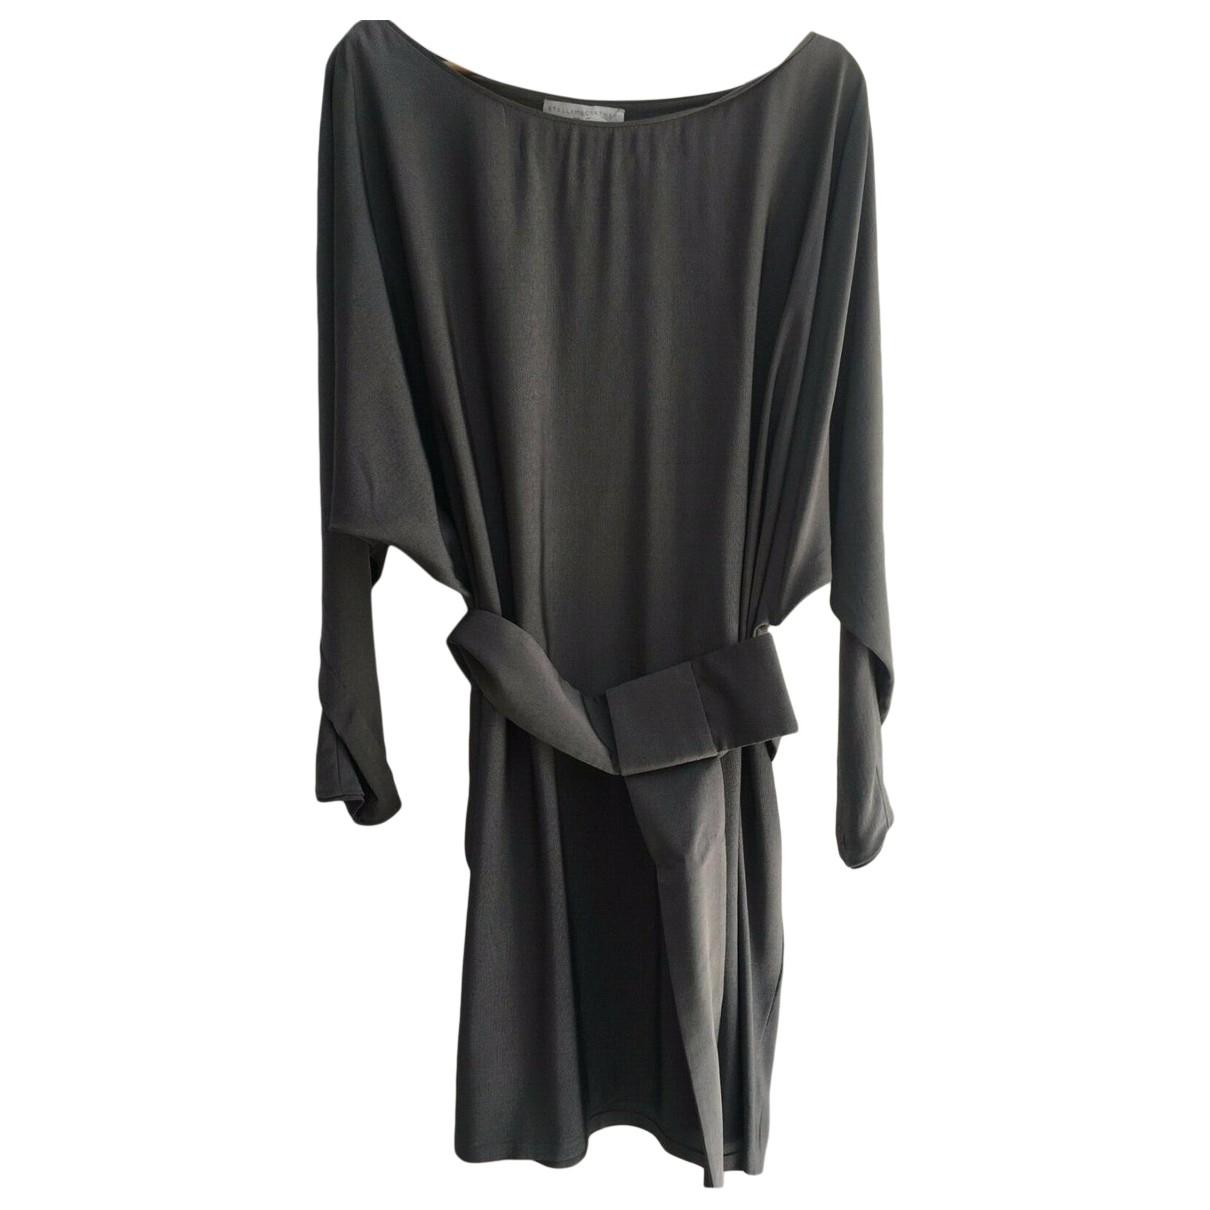 Stella Mccartney \N Kleid in  Grau Viskose